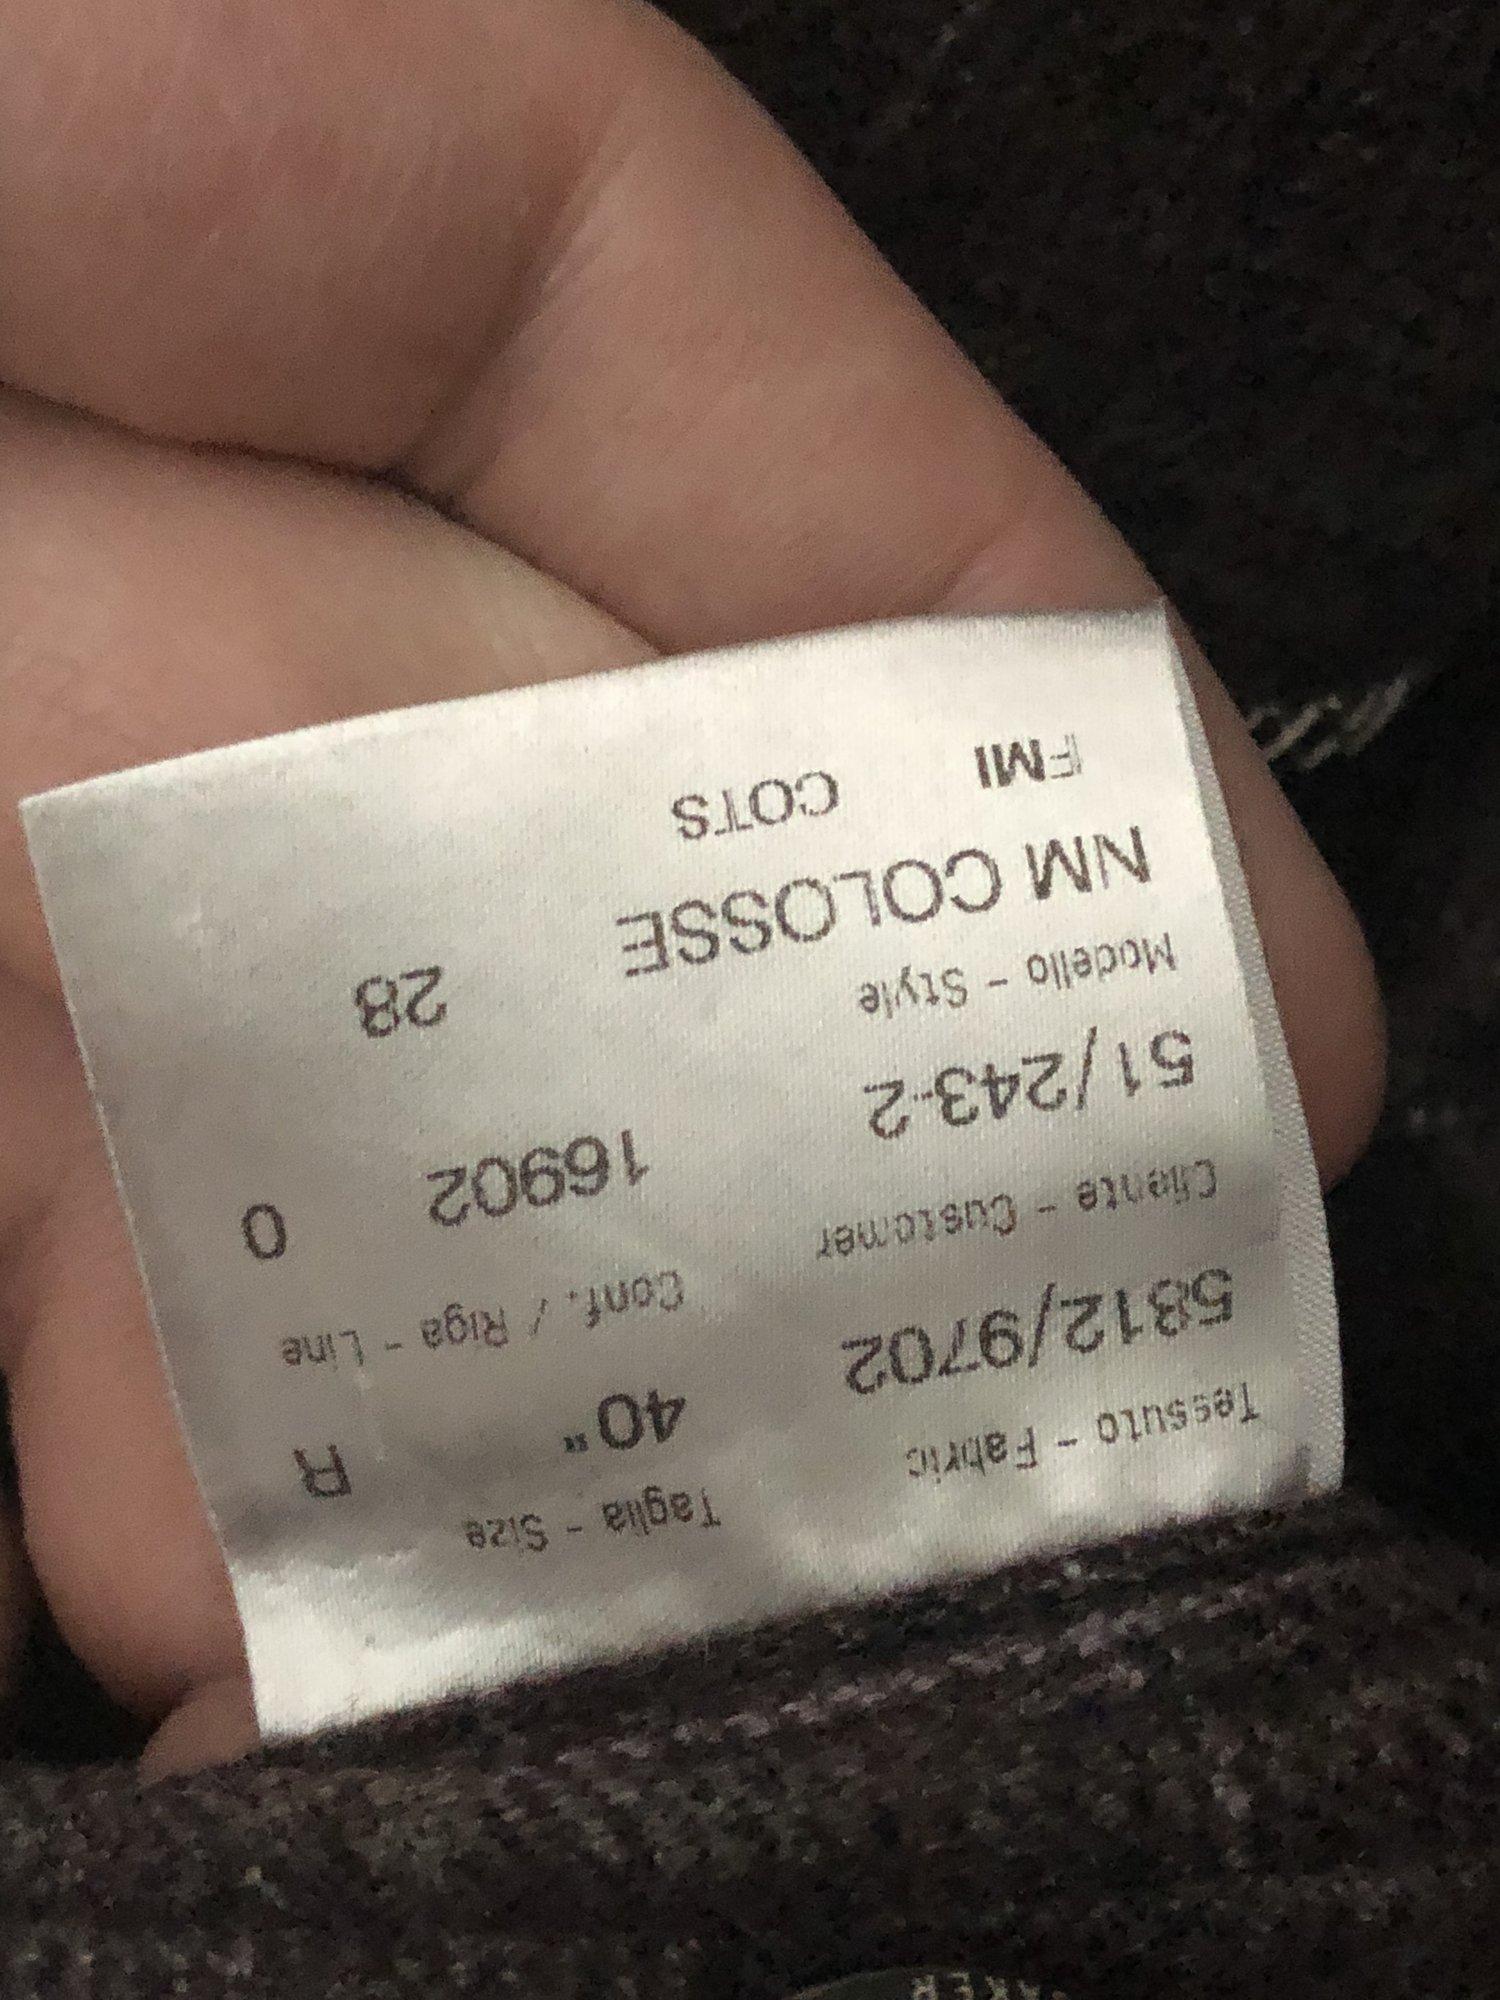 094D147F-3D29-4FA3-AE74-D2264593F0C0.jpeg